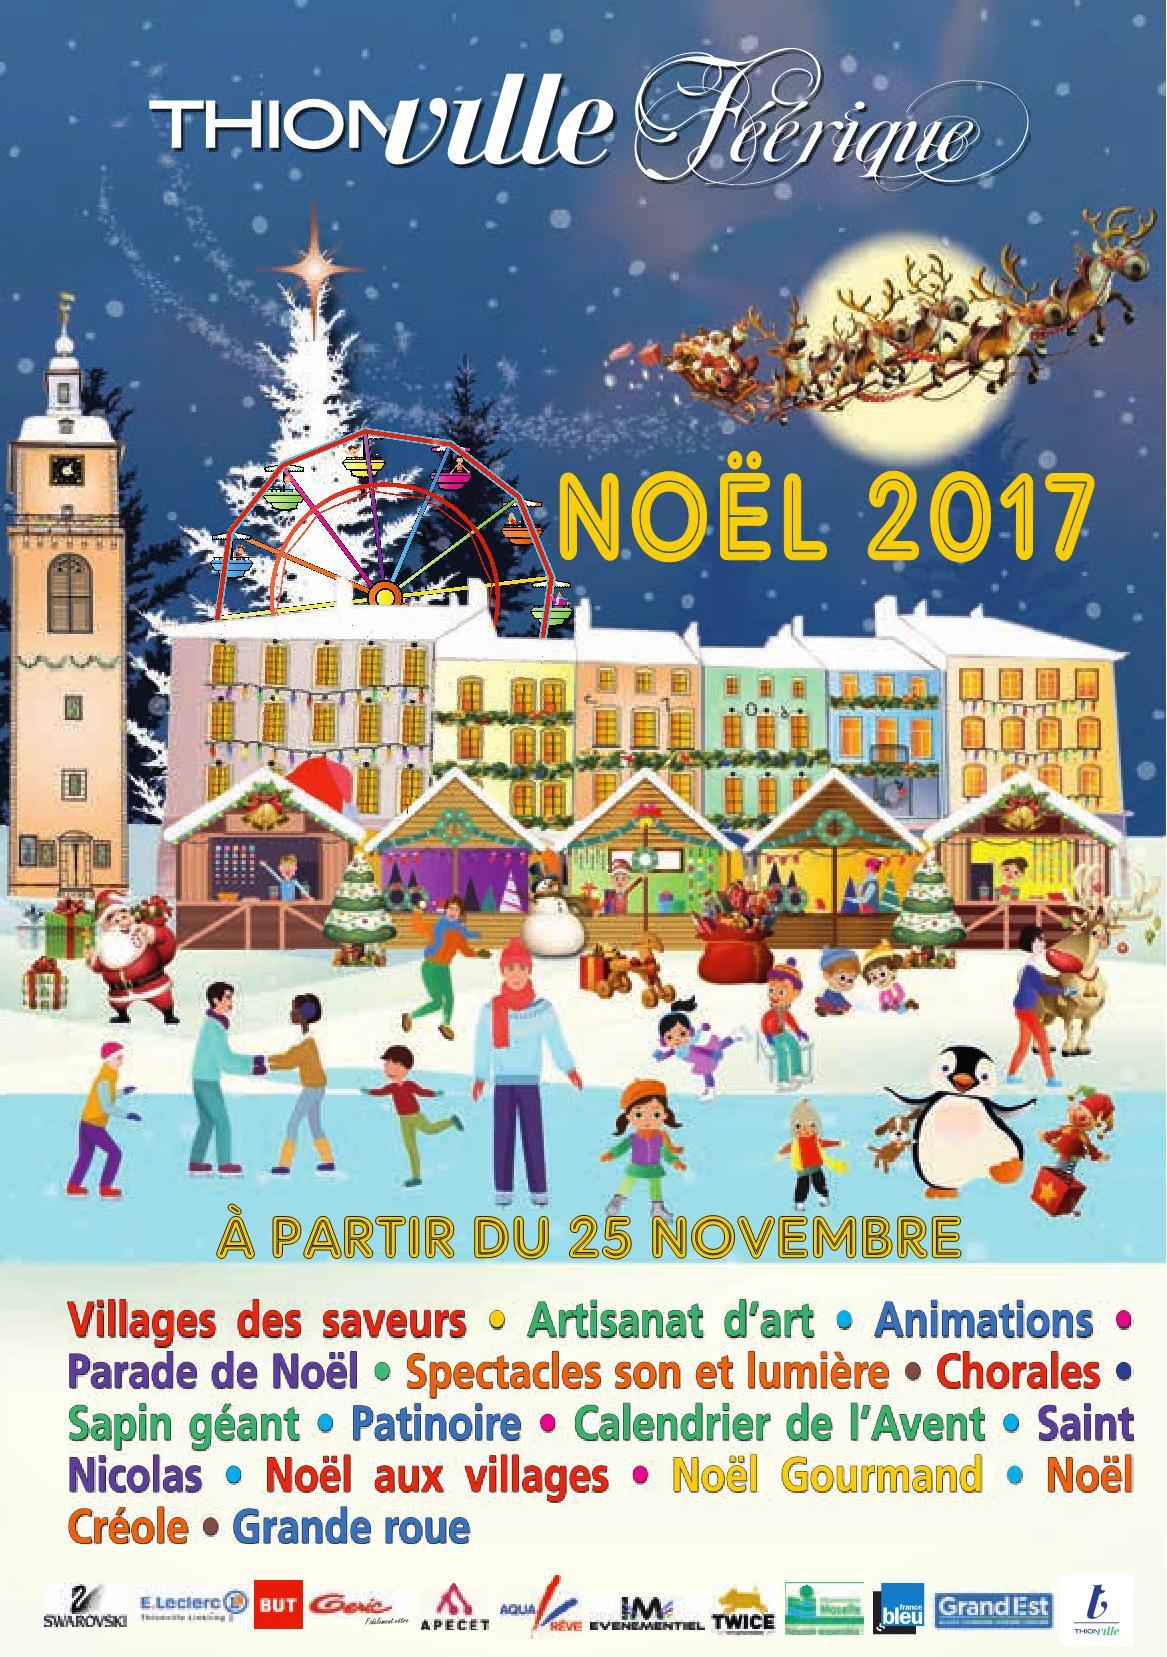 Programme Marché et Festivités de Noël Thionville 2017